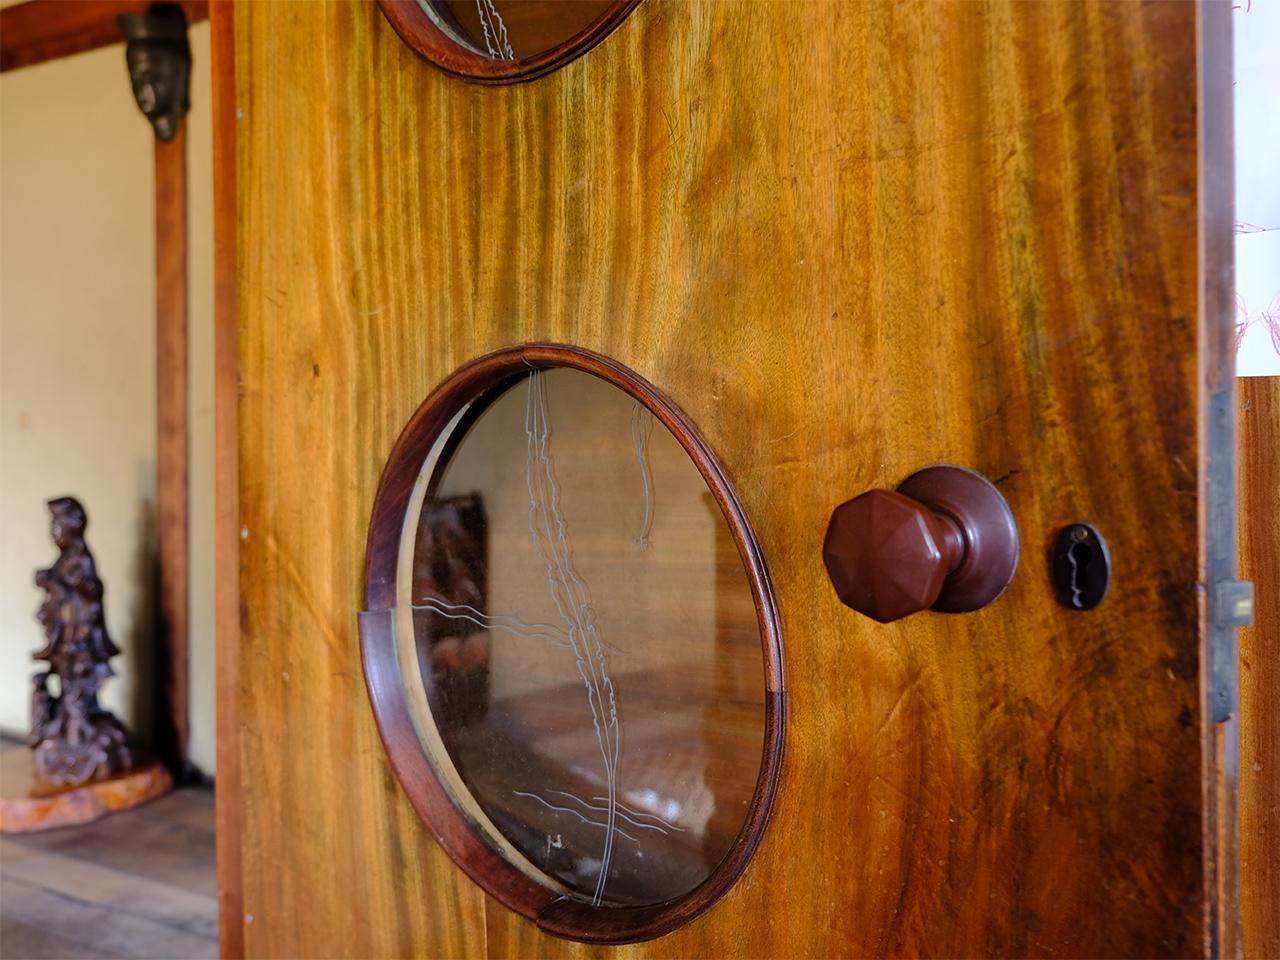 ドアのはめ込みガラスには可愛らしい模様が。ドアノブにもキュン。